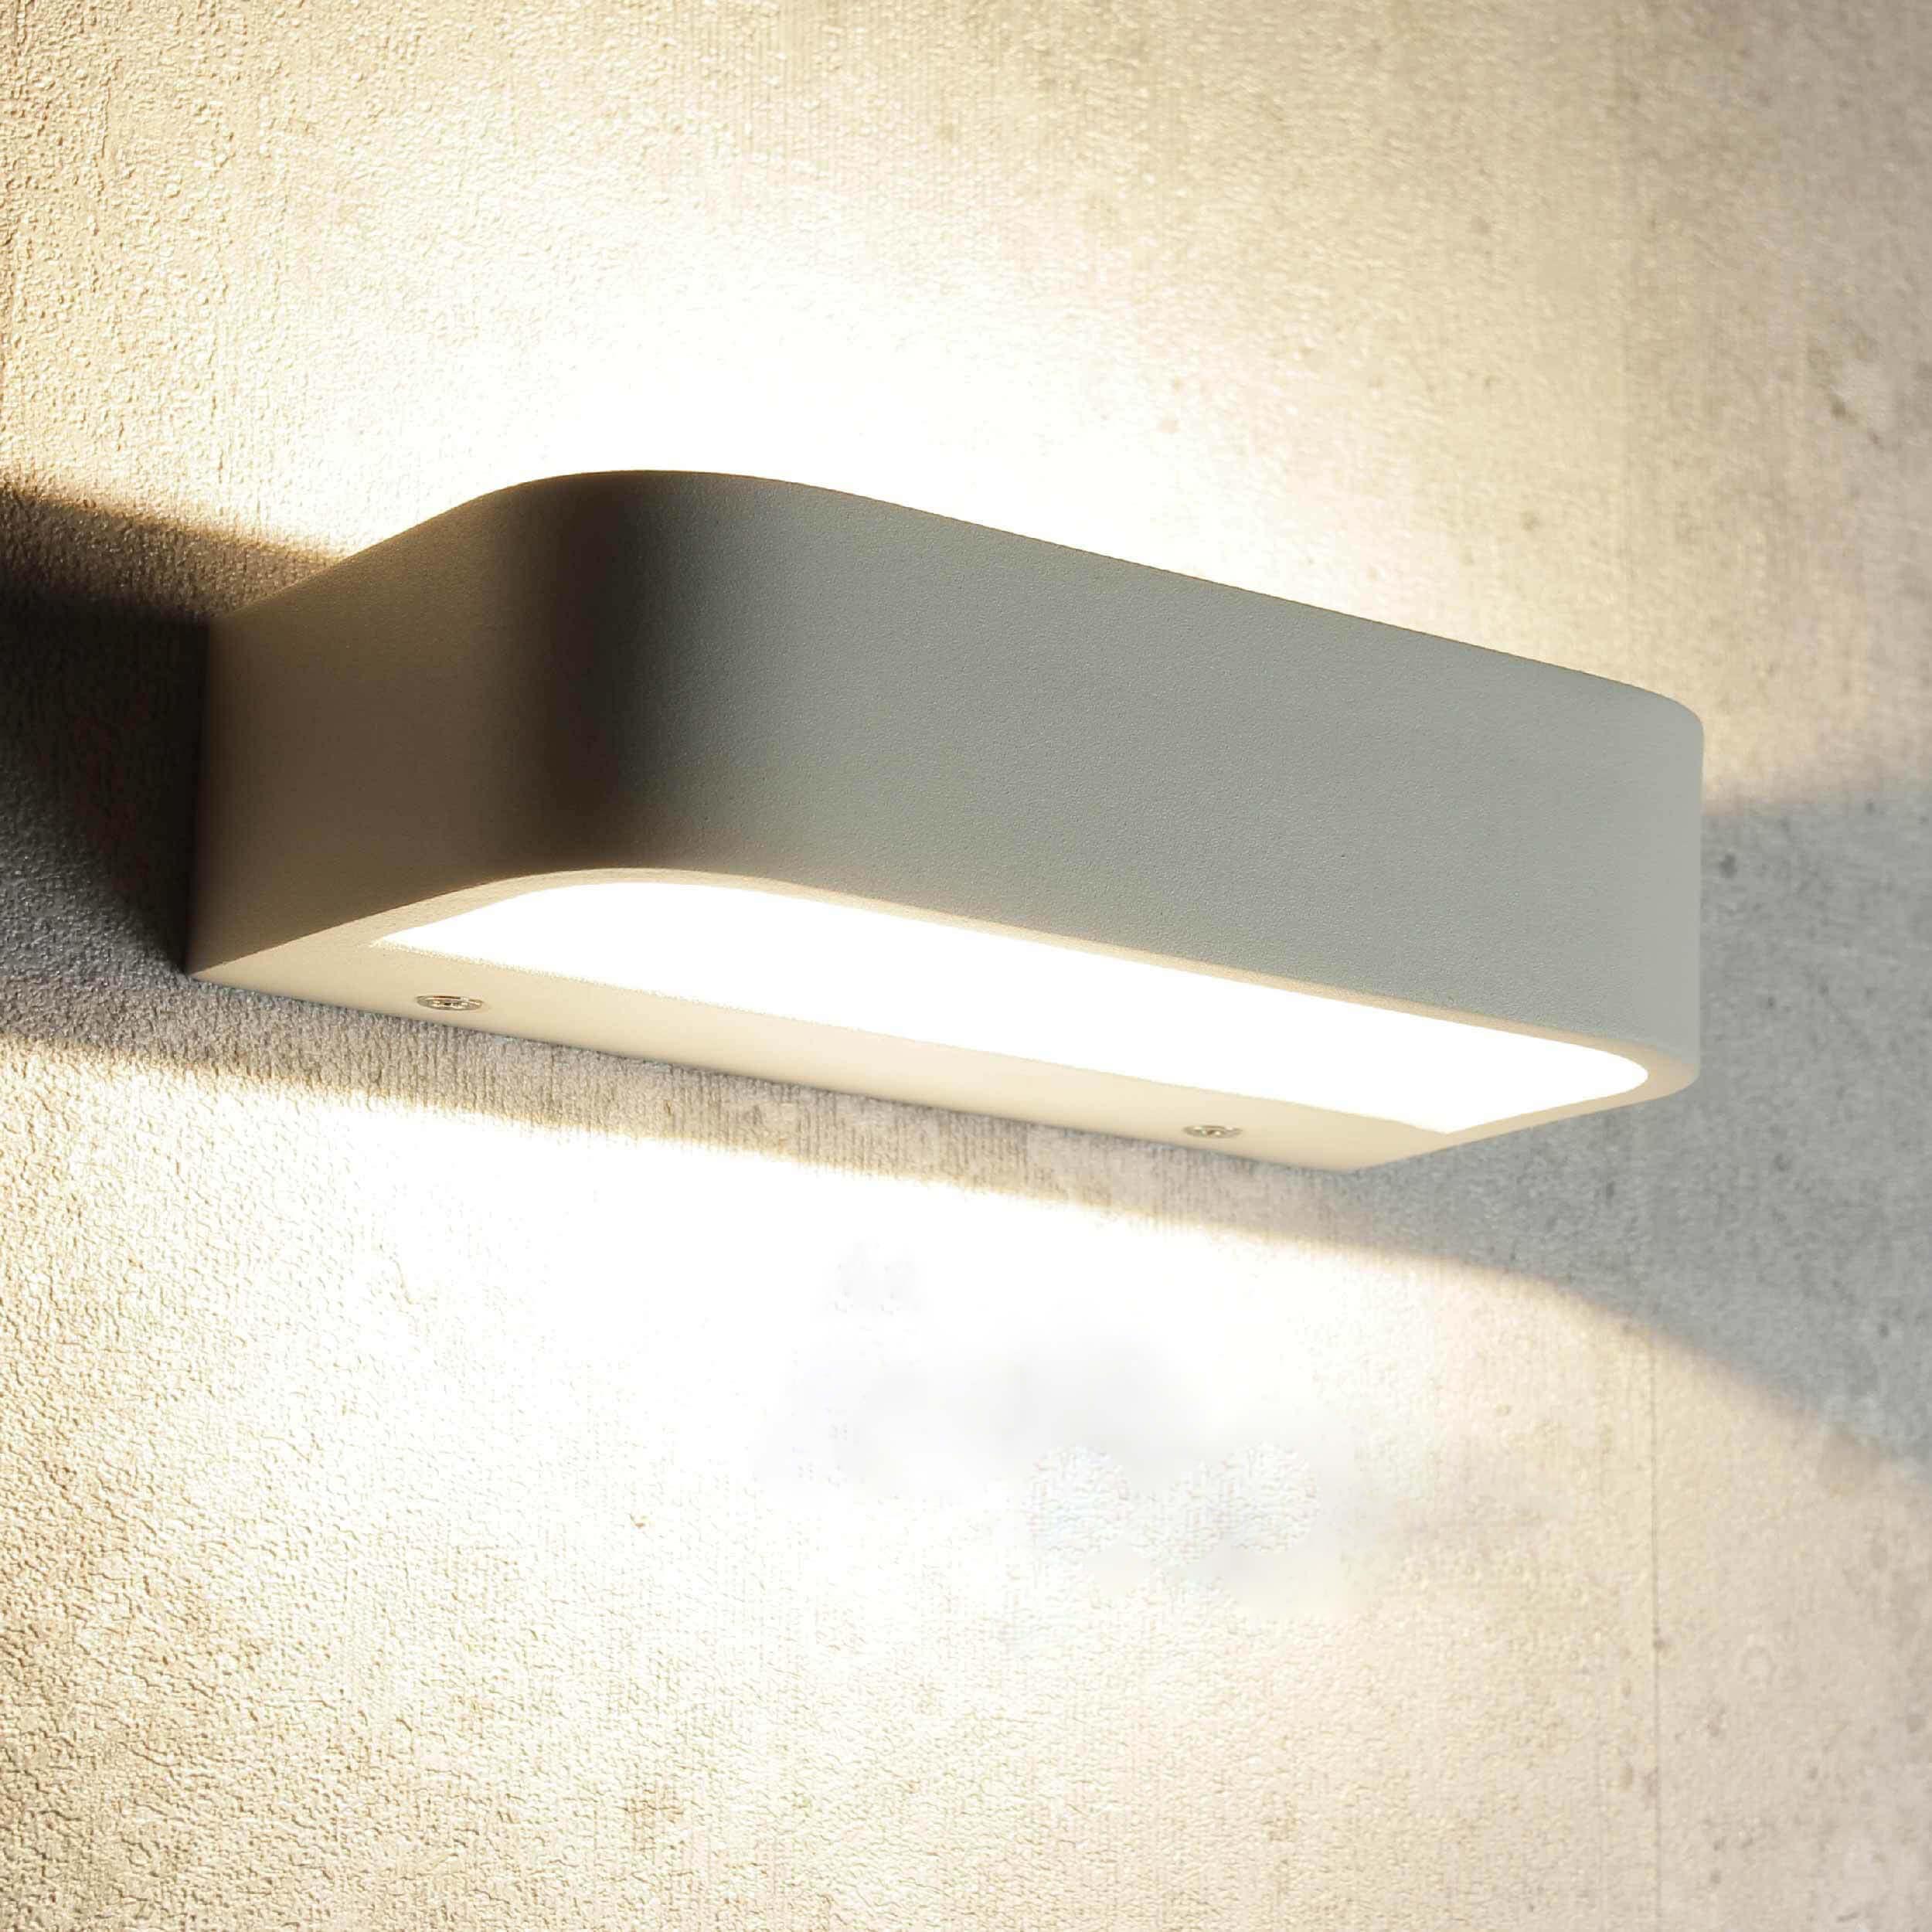 Moderne LED Wandleuchte Wohnzimmerlampe GESS